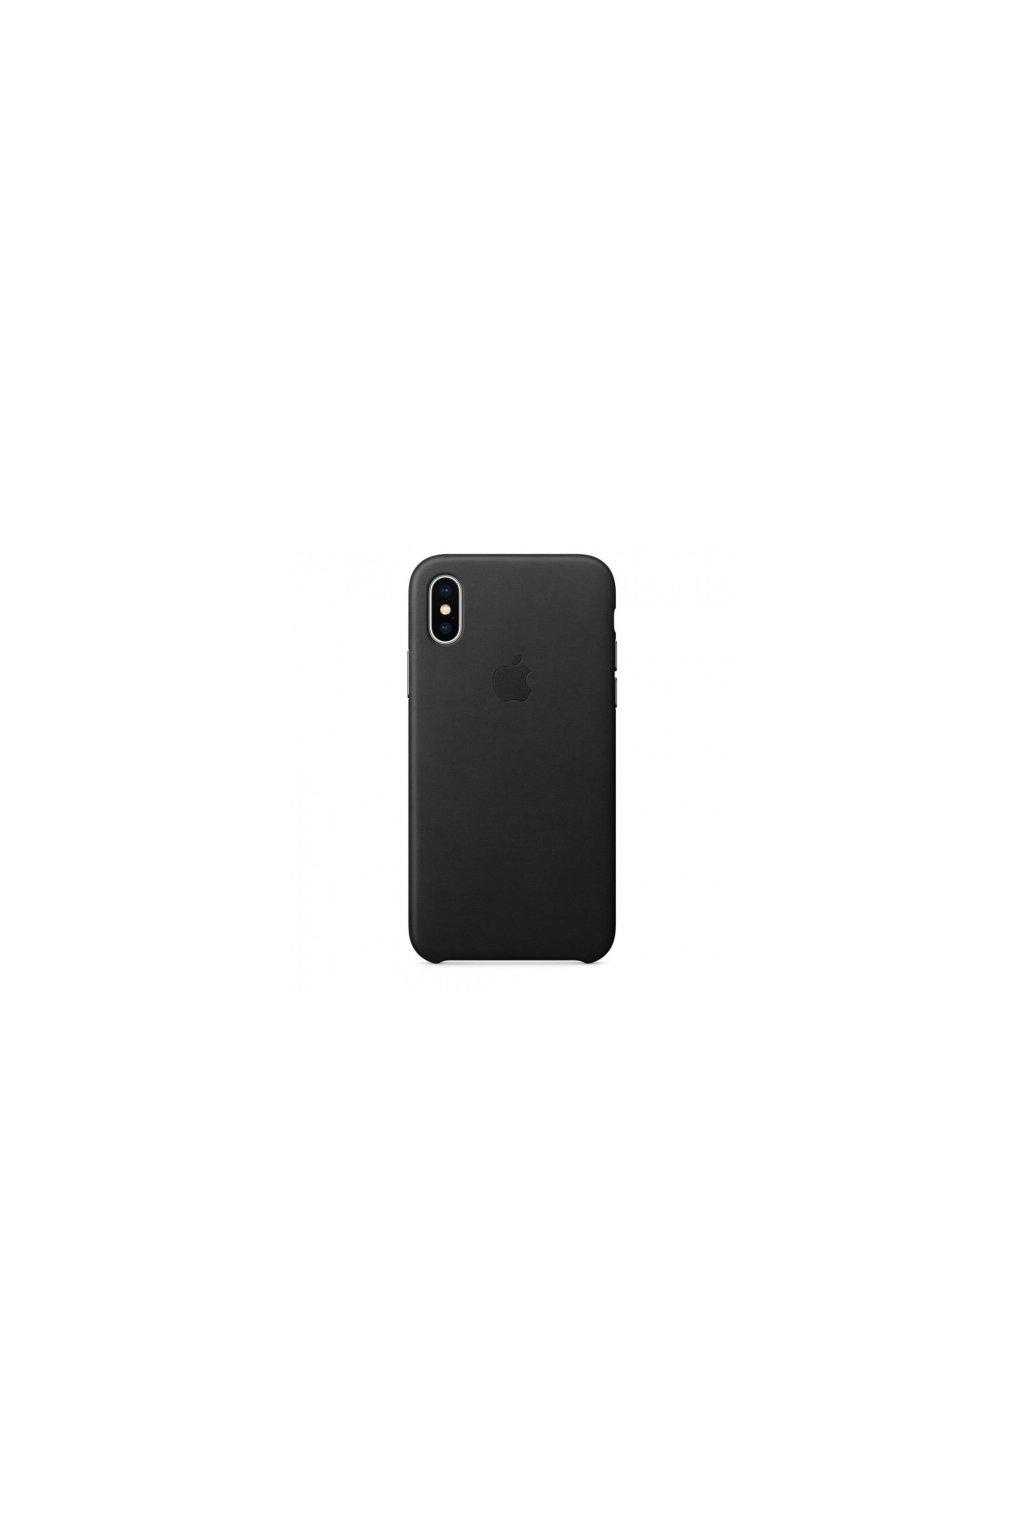 MQTD2ZM:A X Black